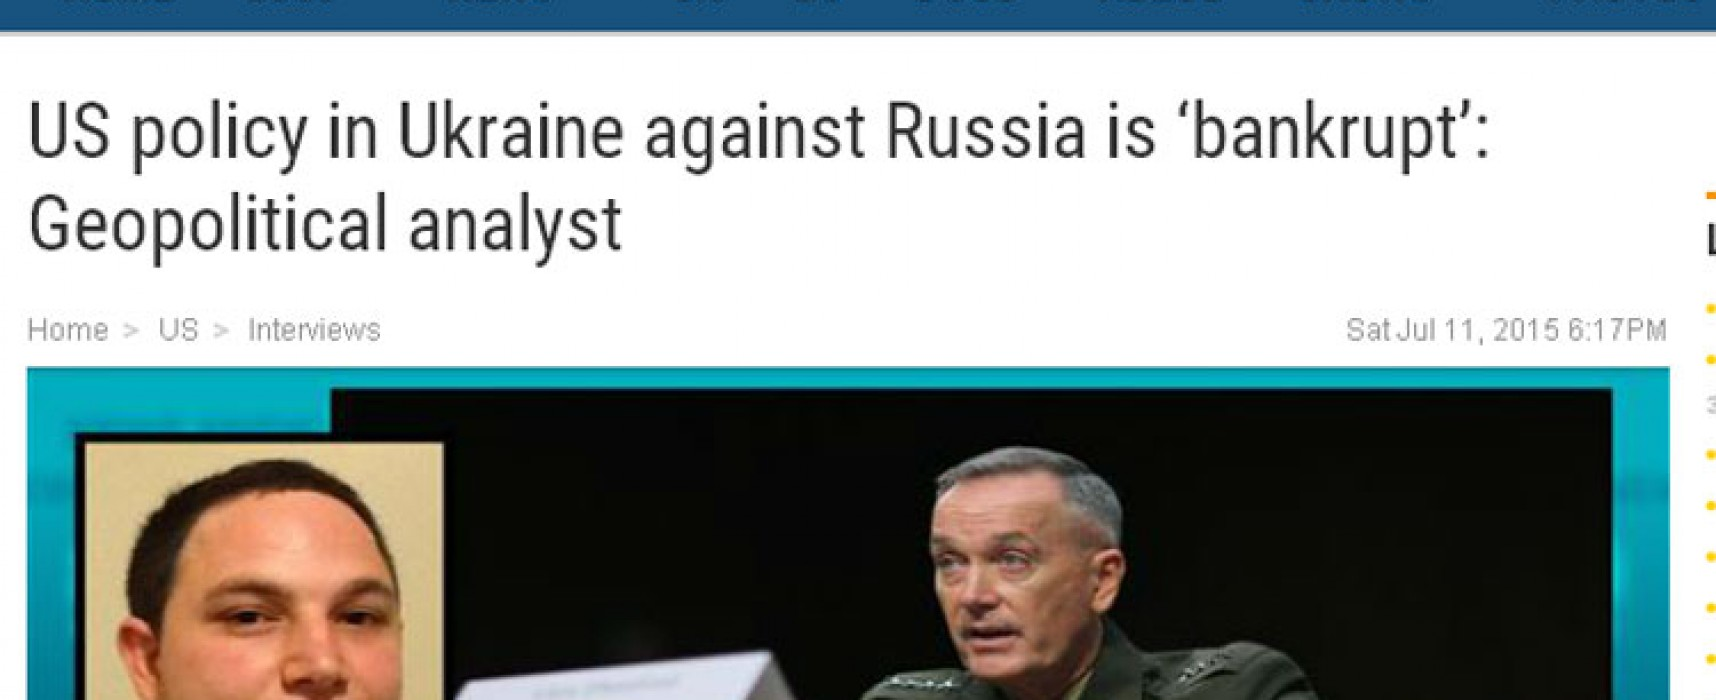 Российские СМИ продолжают представлять продавца страховок как известного геополитика